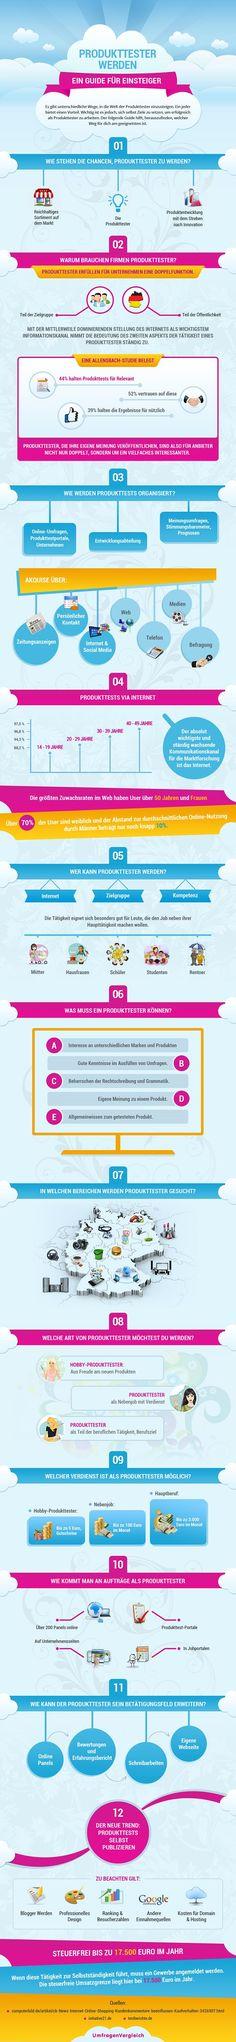 An alle, die #Produkttester werden möchten.. Ein Guide für Einsteiger - Auch interessant für bereits etablierte Tester/-innen. Buisness, How To Make Money, Social Media, Tricks, Blogging, Save My Money, Earn Money, Helpful Tips, Infographic